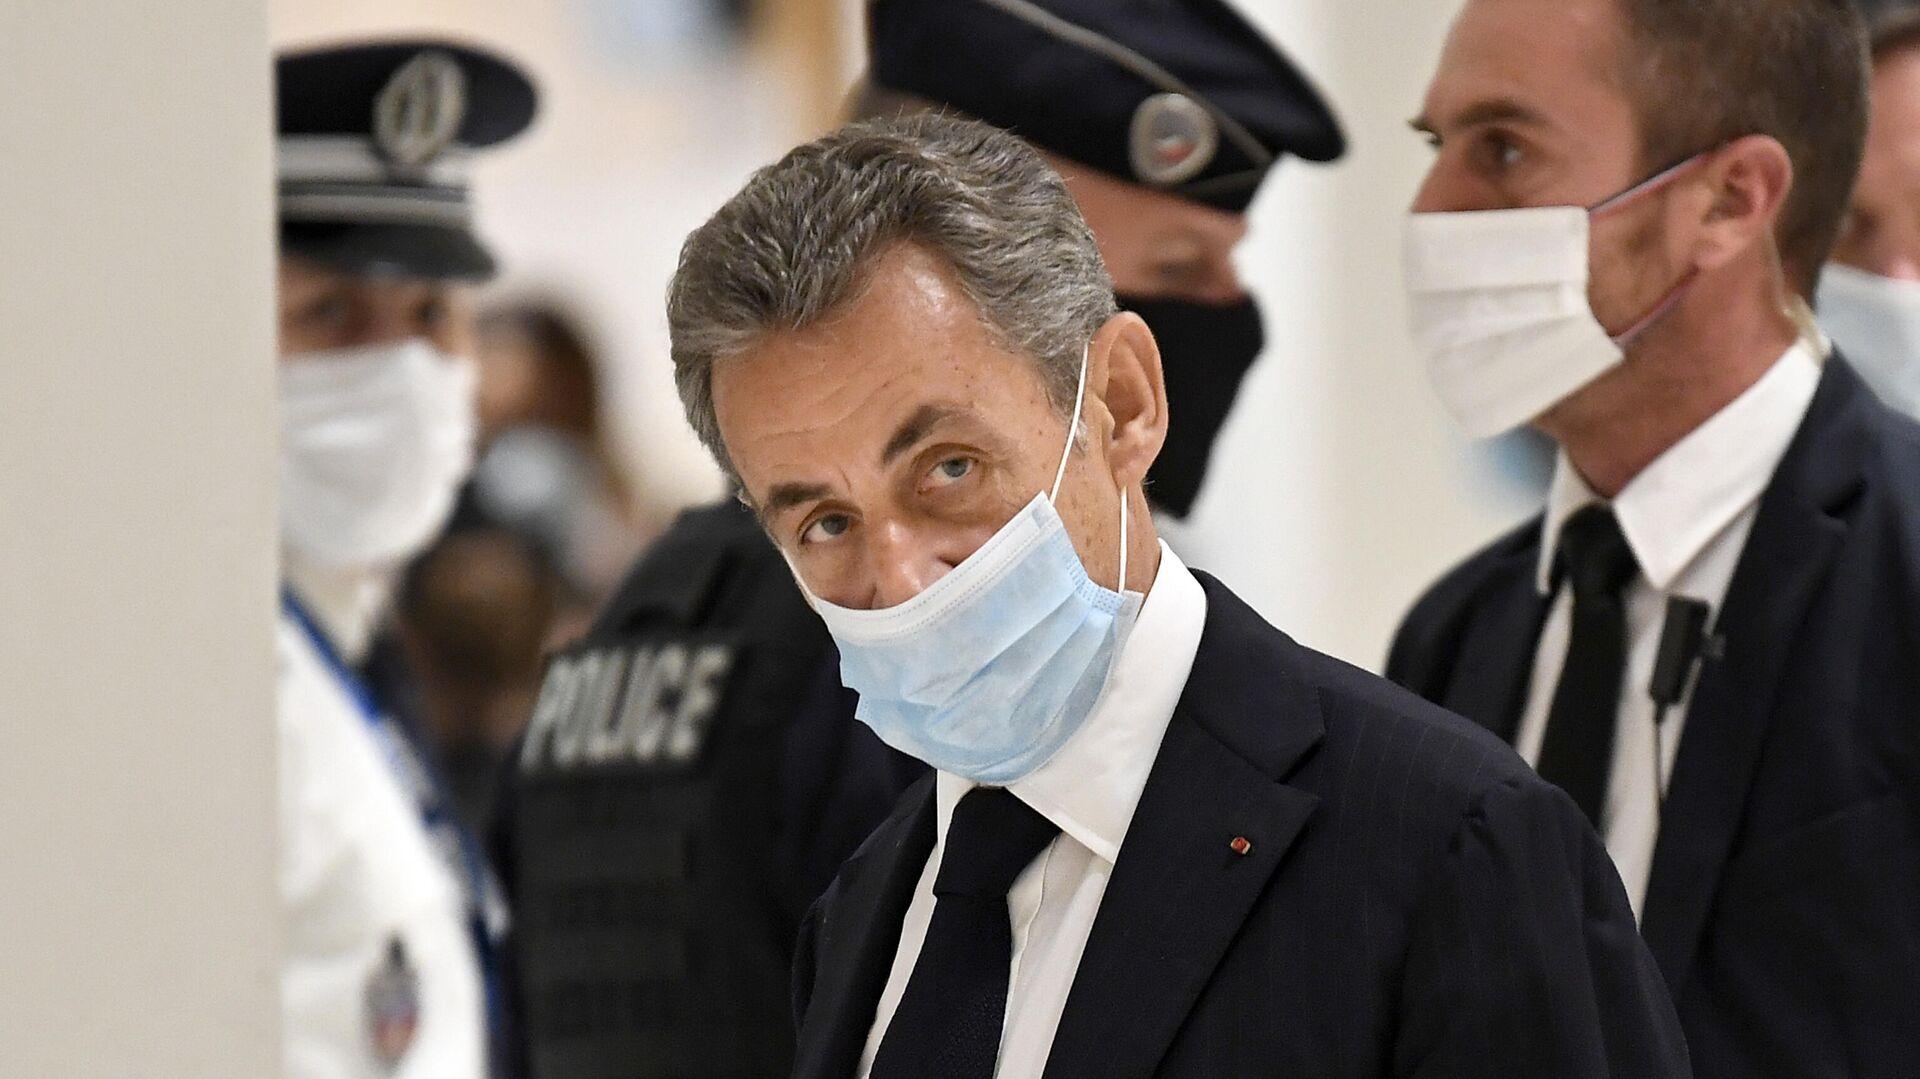 Саркози получил реальный срок по делу о коррупции - РИА Новости, 01.03.2021